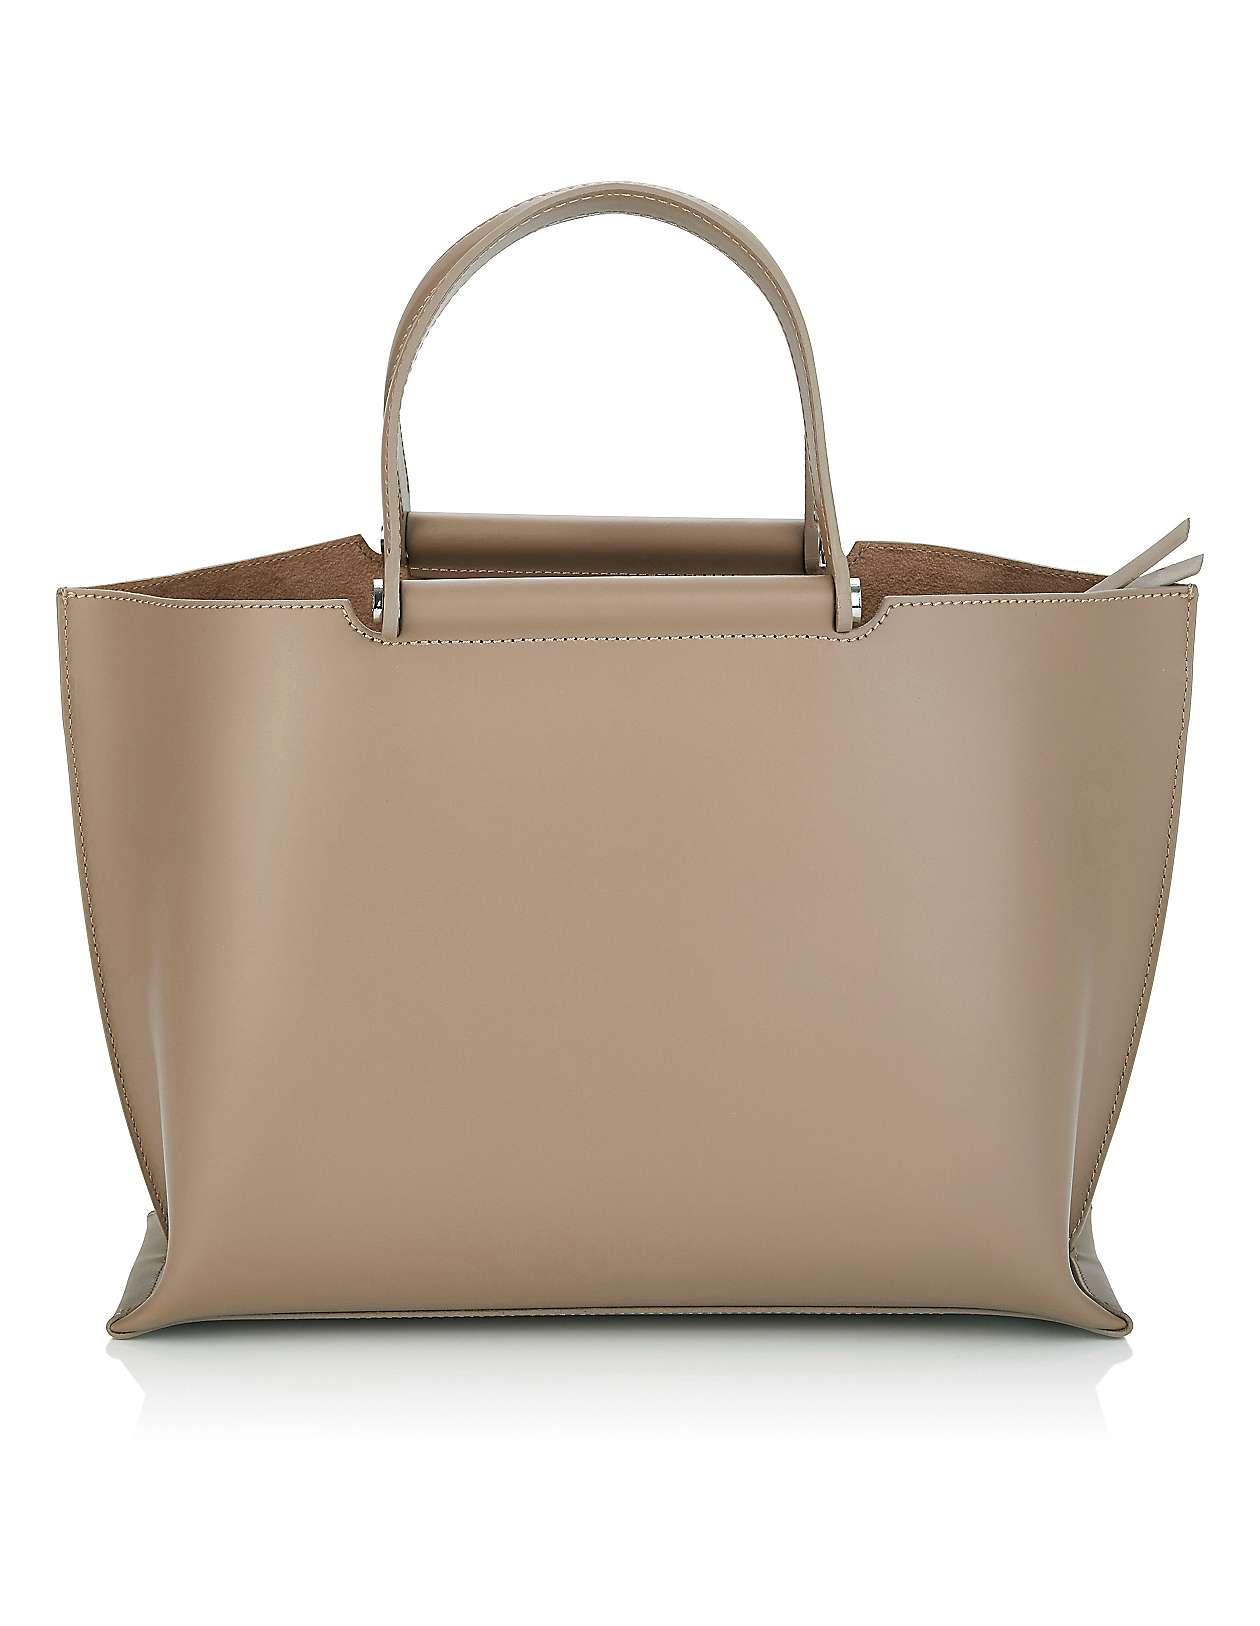 d205a0a2edf59 Handtaschen für Damen online kaufen